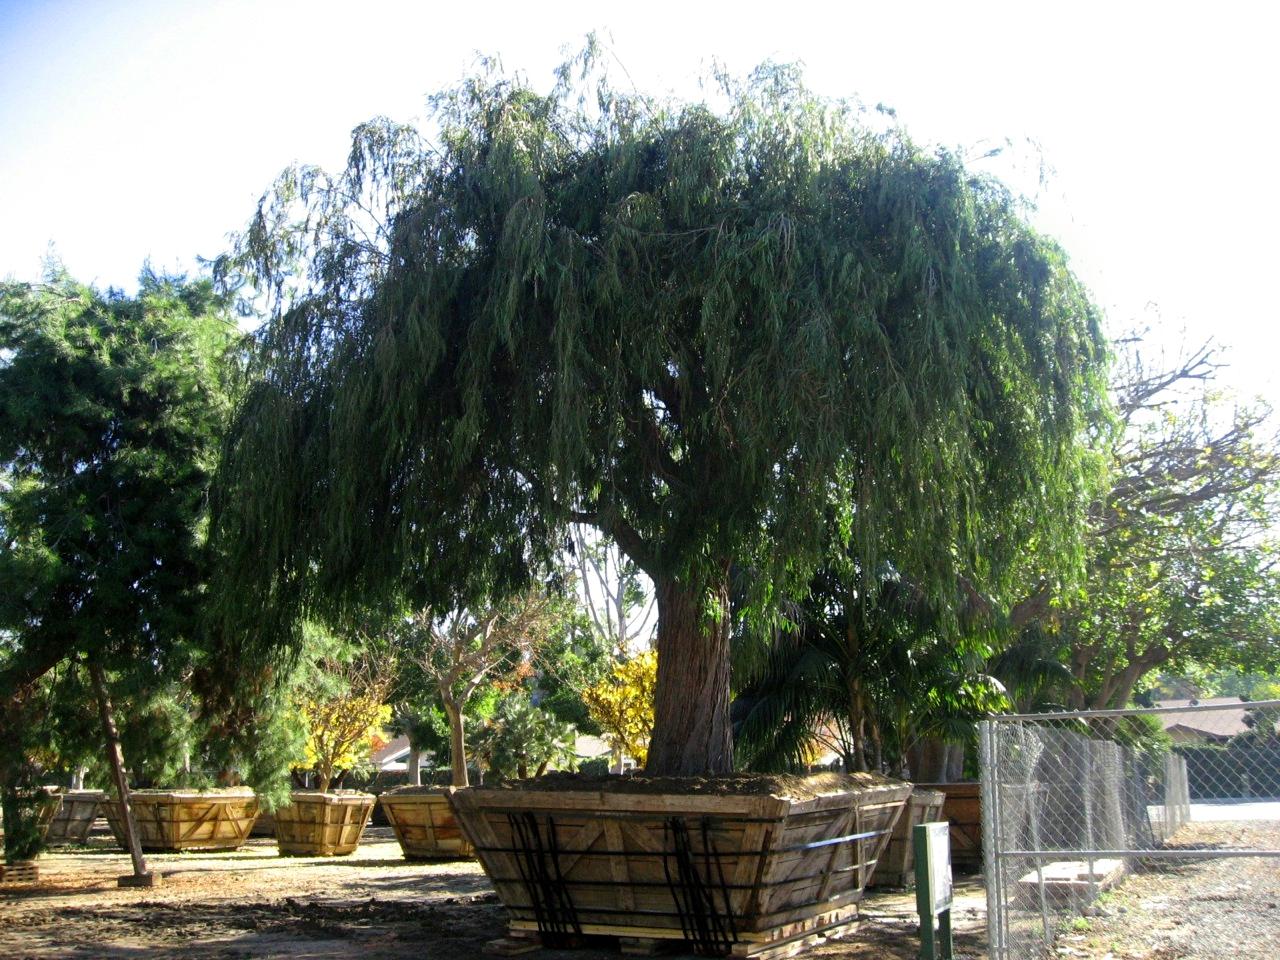 Senna Tree Nursery image - specimen trees available, we move big trees